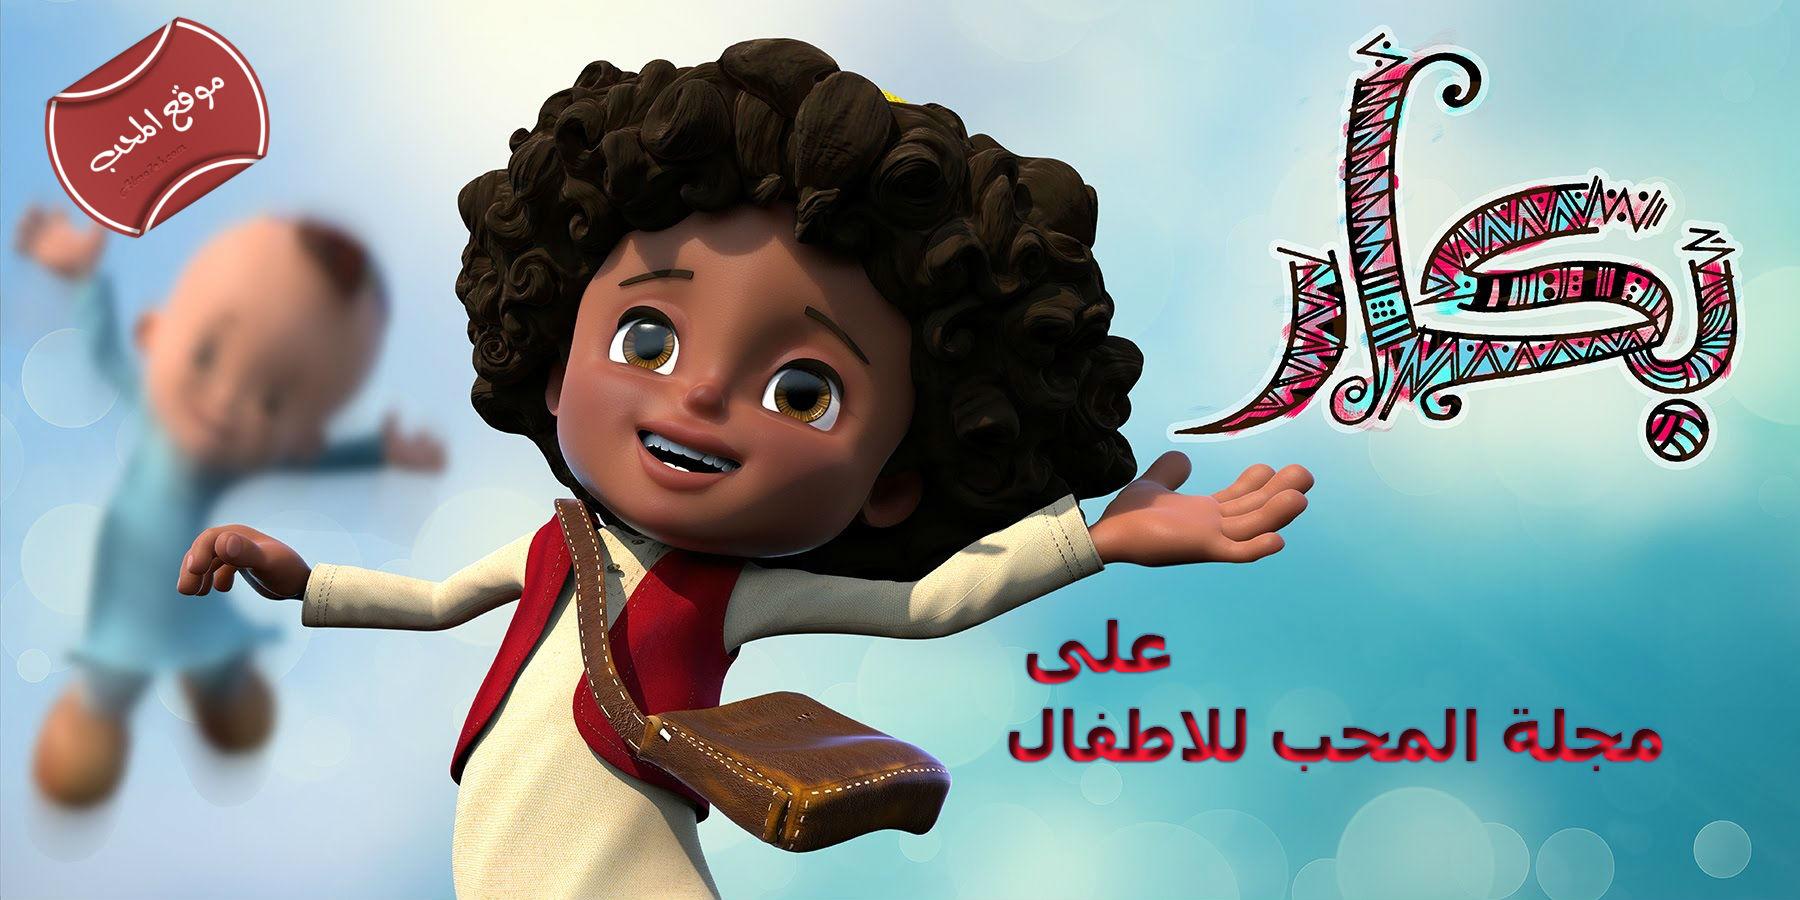 شاهد مسلسل الكرتون بكار Bkar على مجلة المحب للأطفال